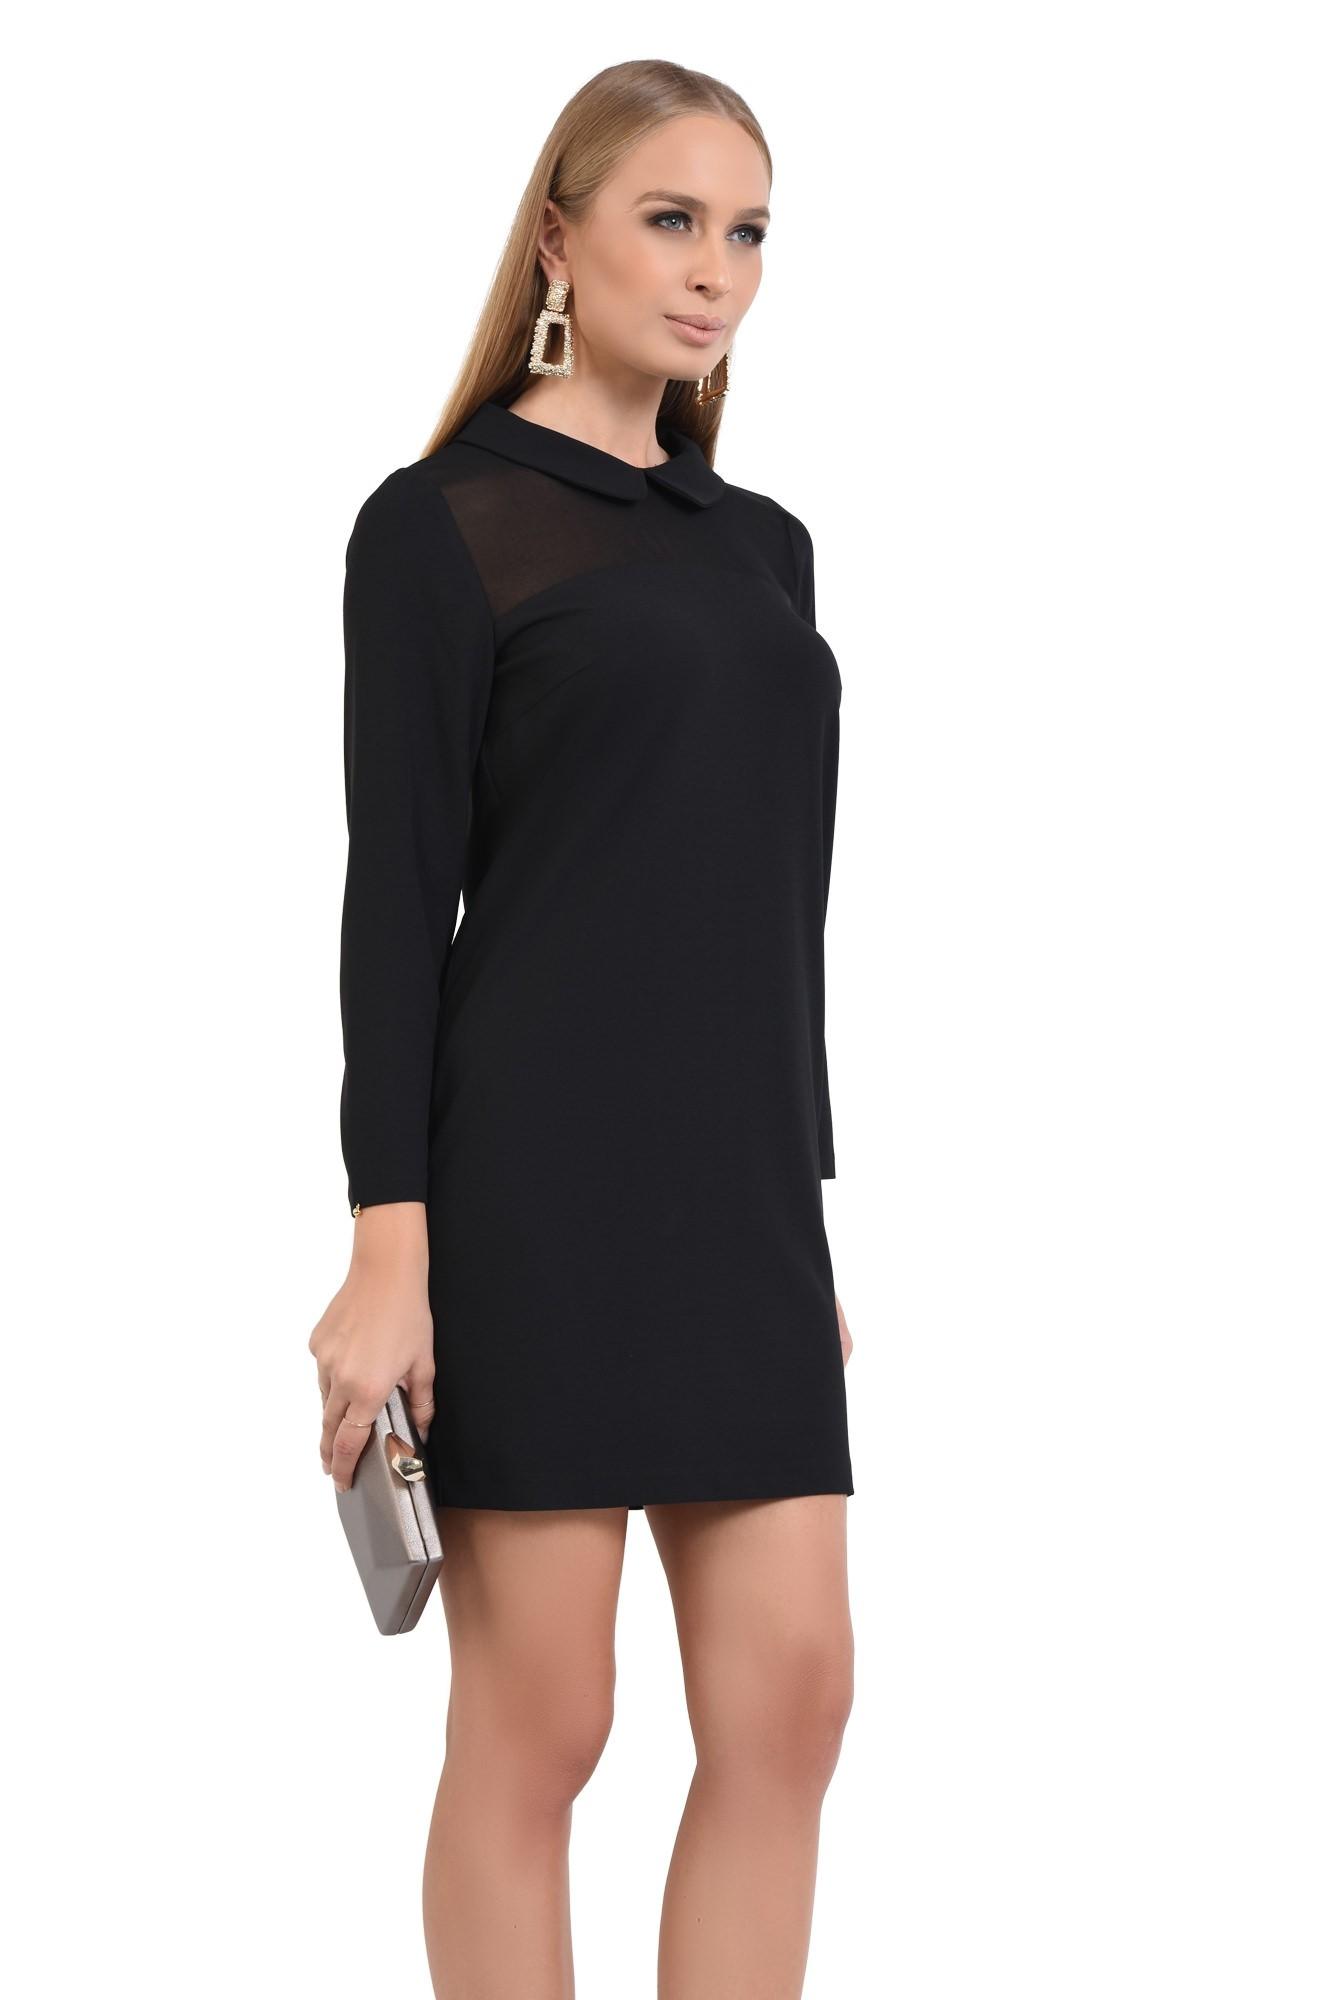 0 - rochie eleganta, croi drept, amneci lungi, insertie transparenta